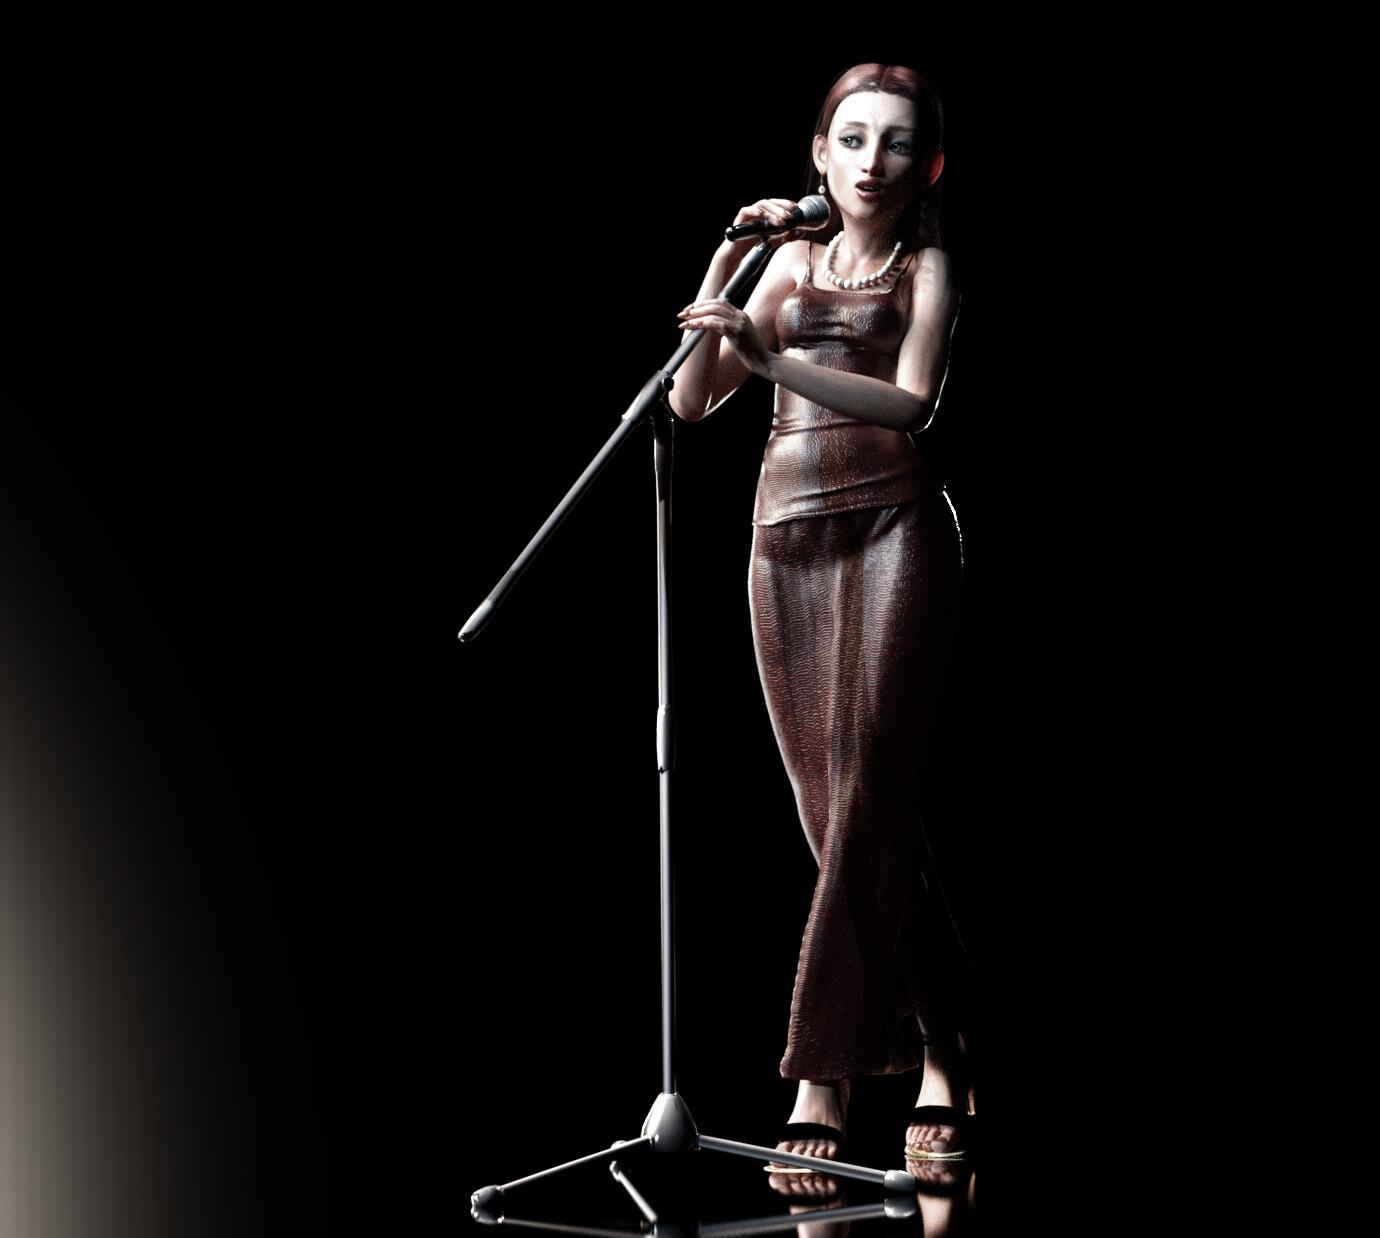 Tokomotion crimenoir singer 01 03